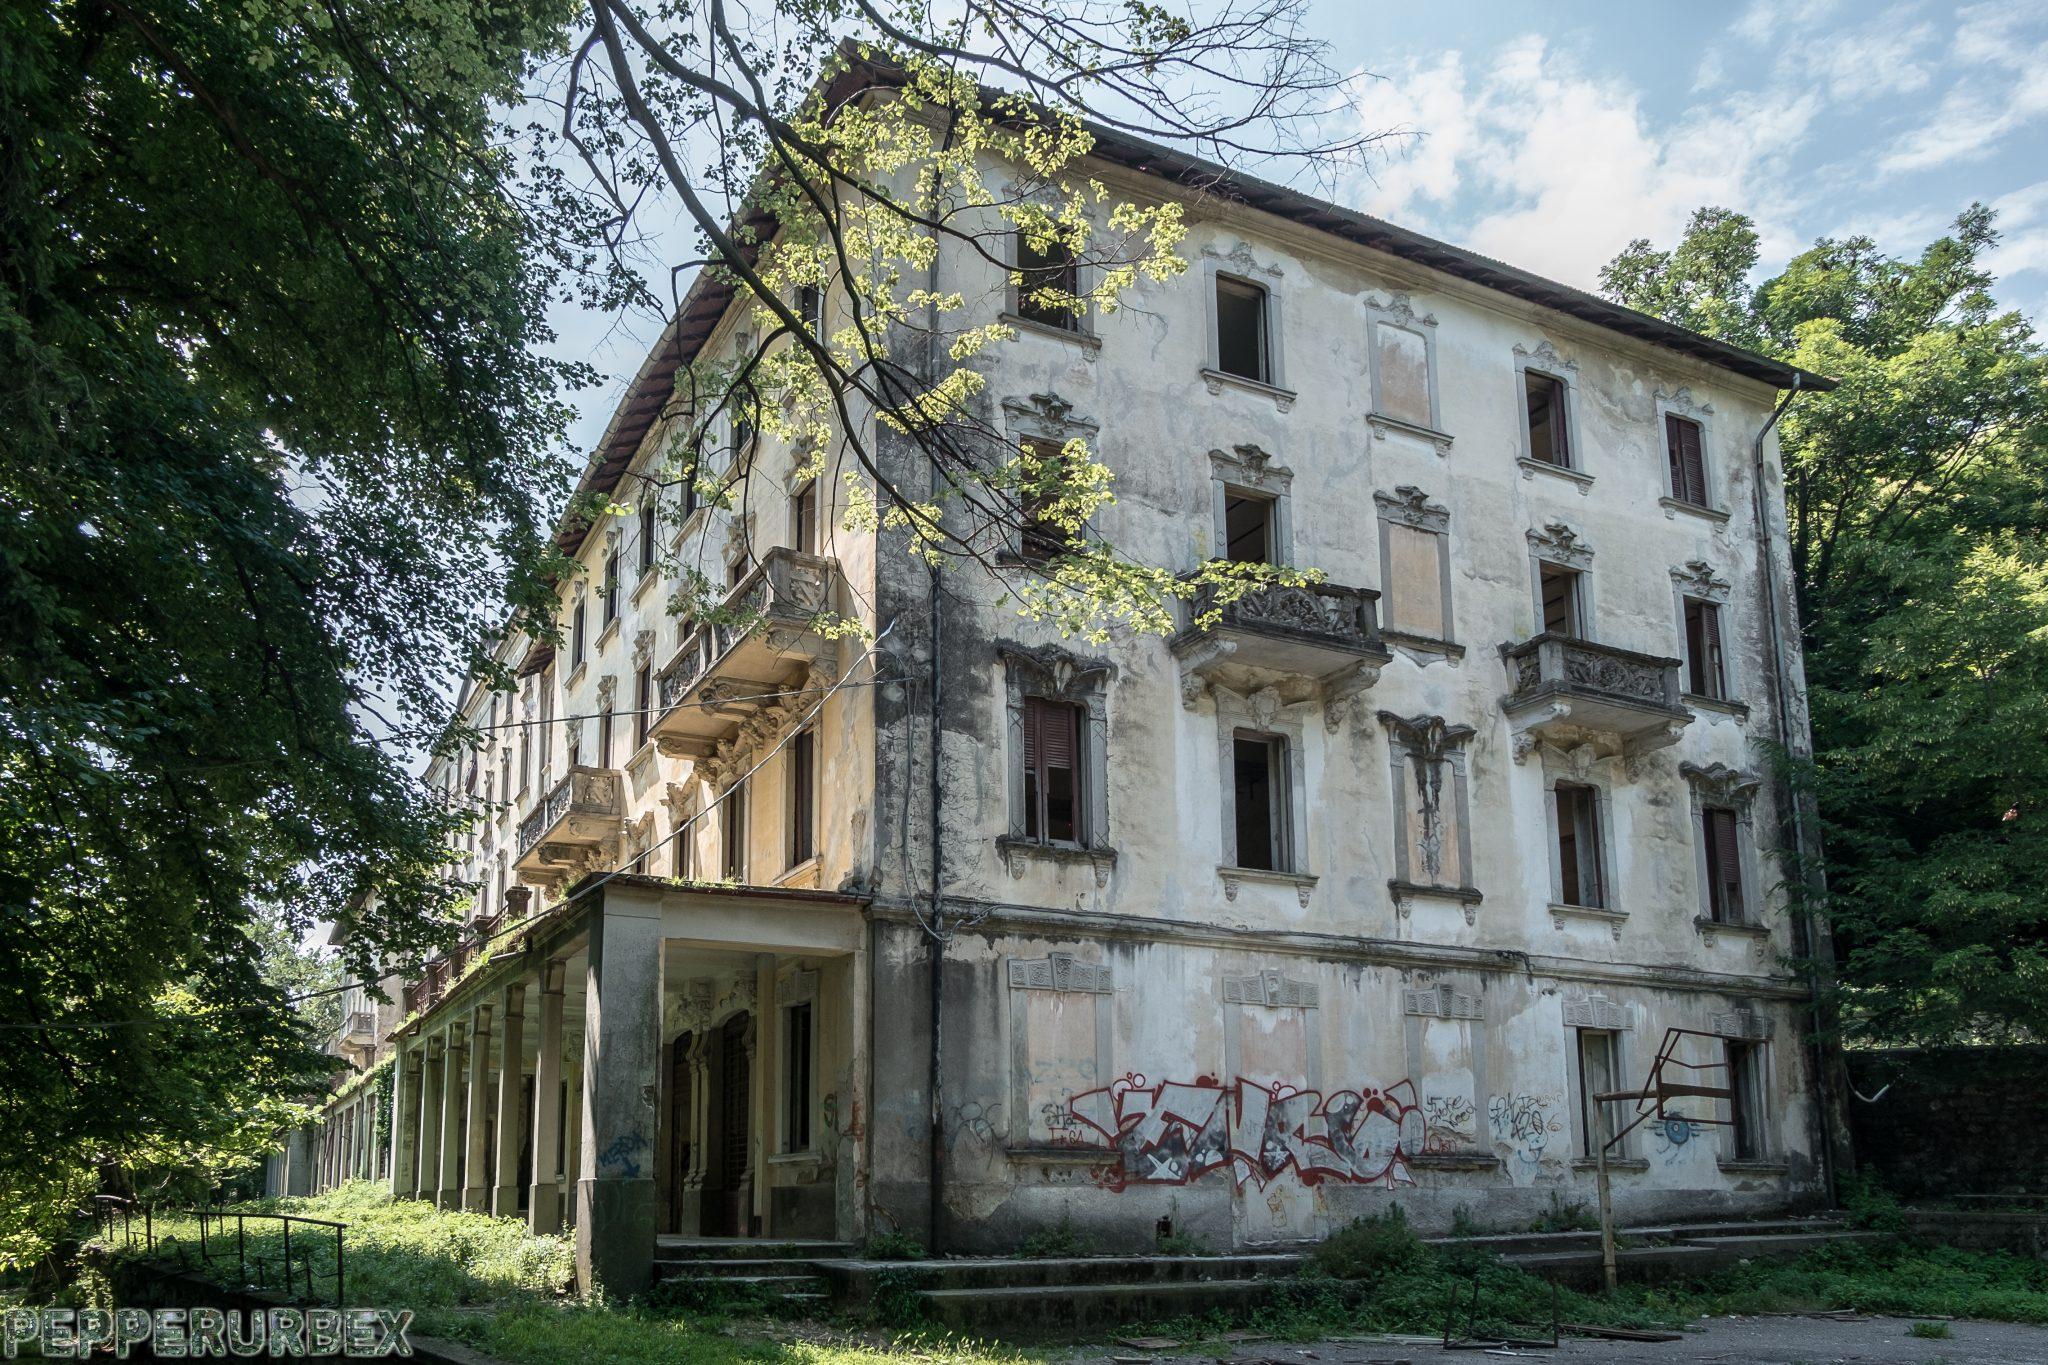 Grand Hotel Prealpi 1 van 1